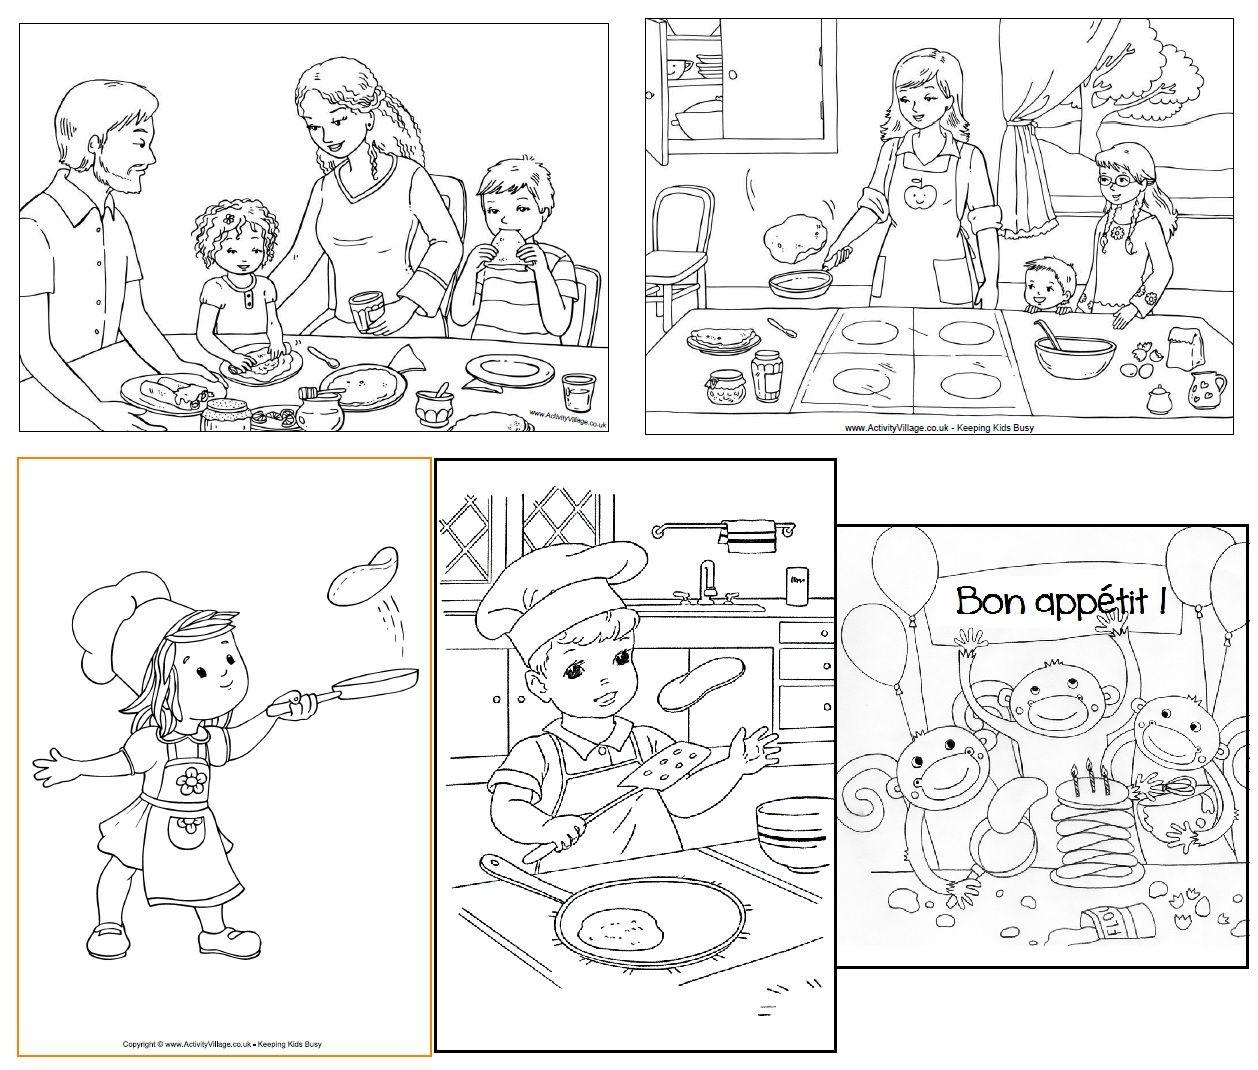 La Chandeleur activités et coloriages autour des crªpes